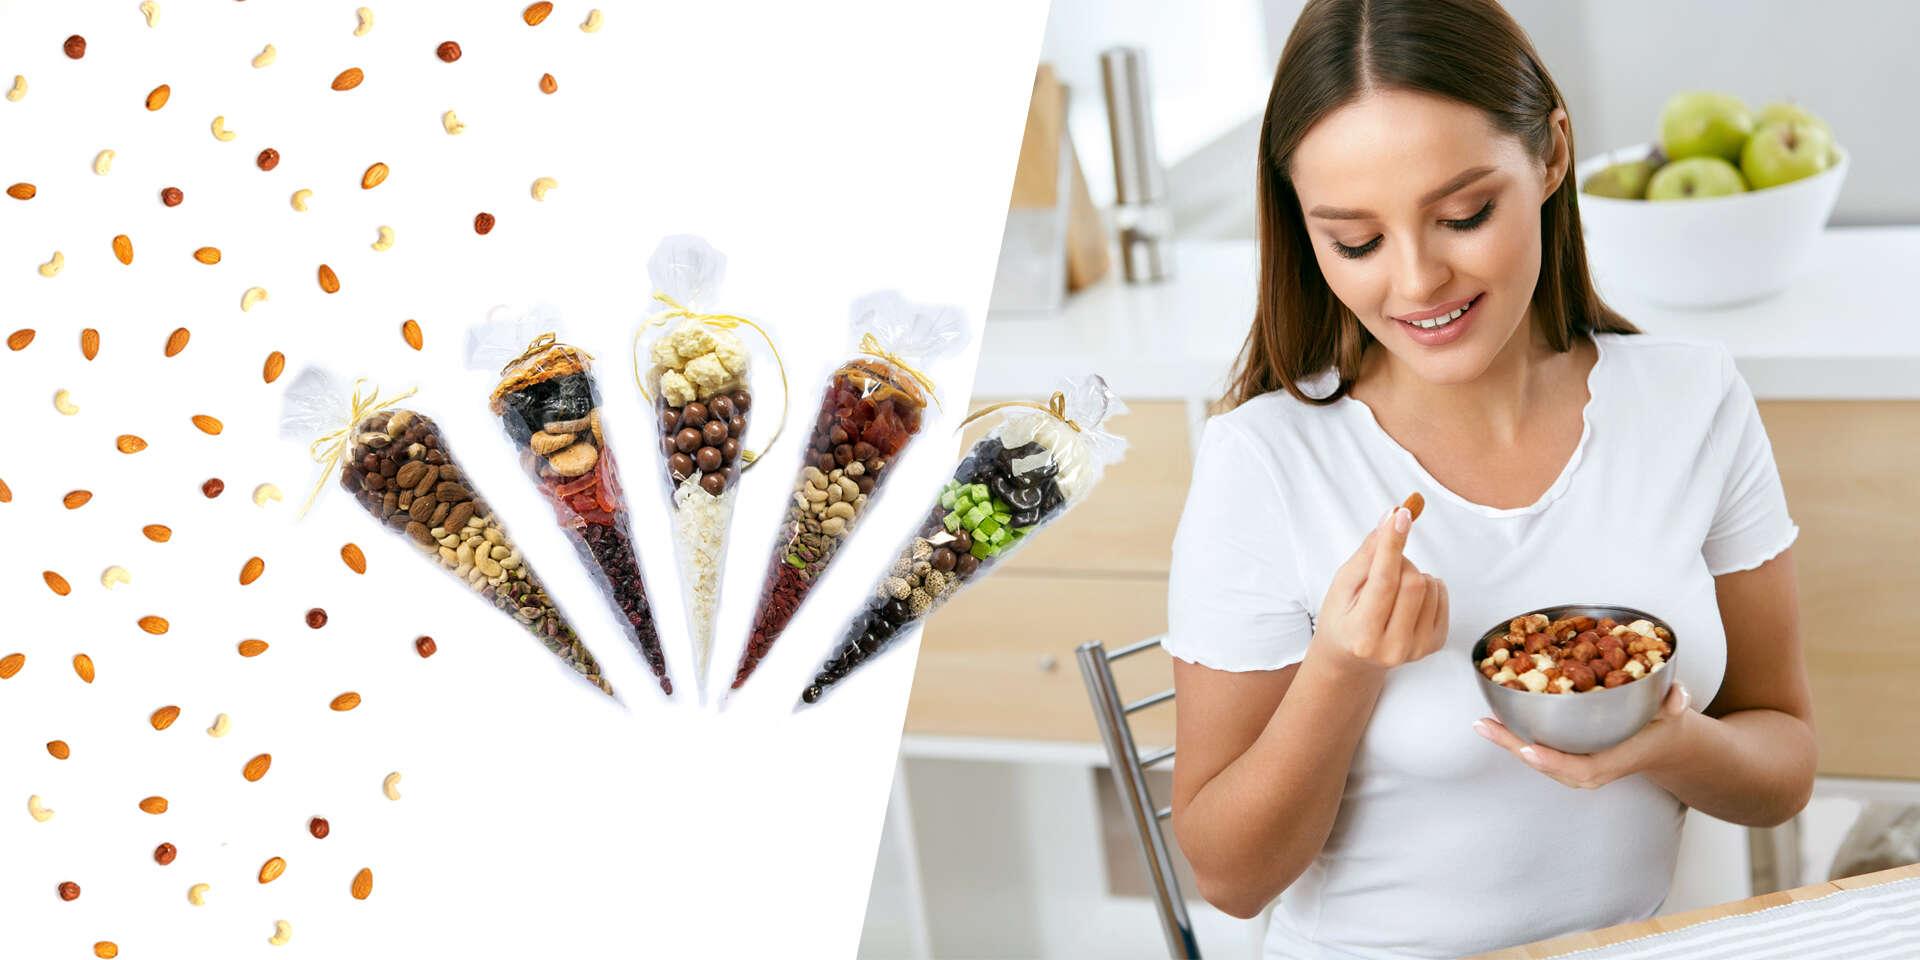 Kornútky plné chutného ovocia a zdravých orieškov (12 druhov)